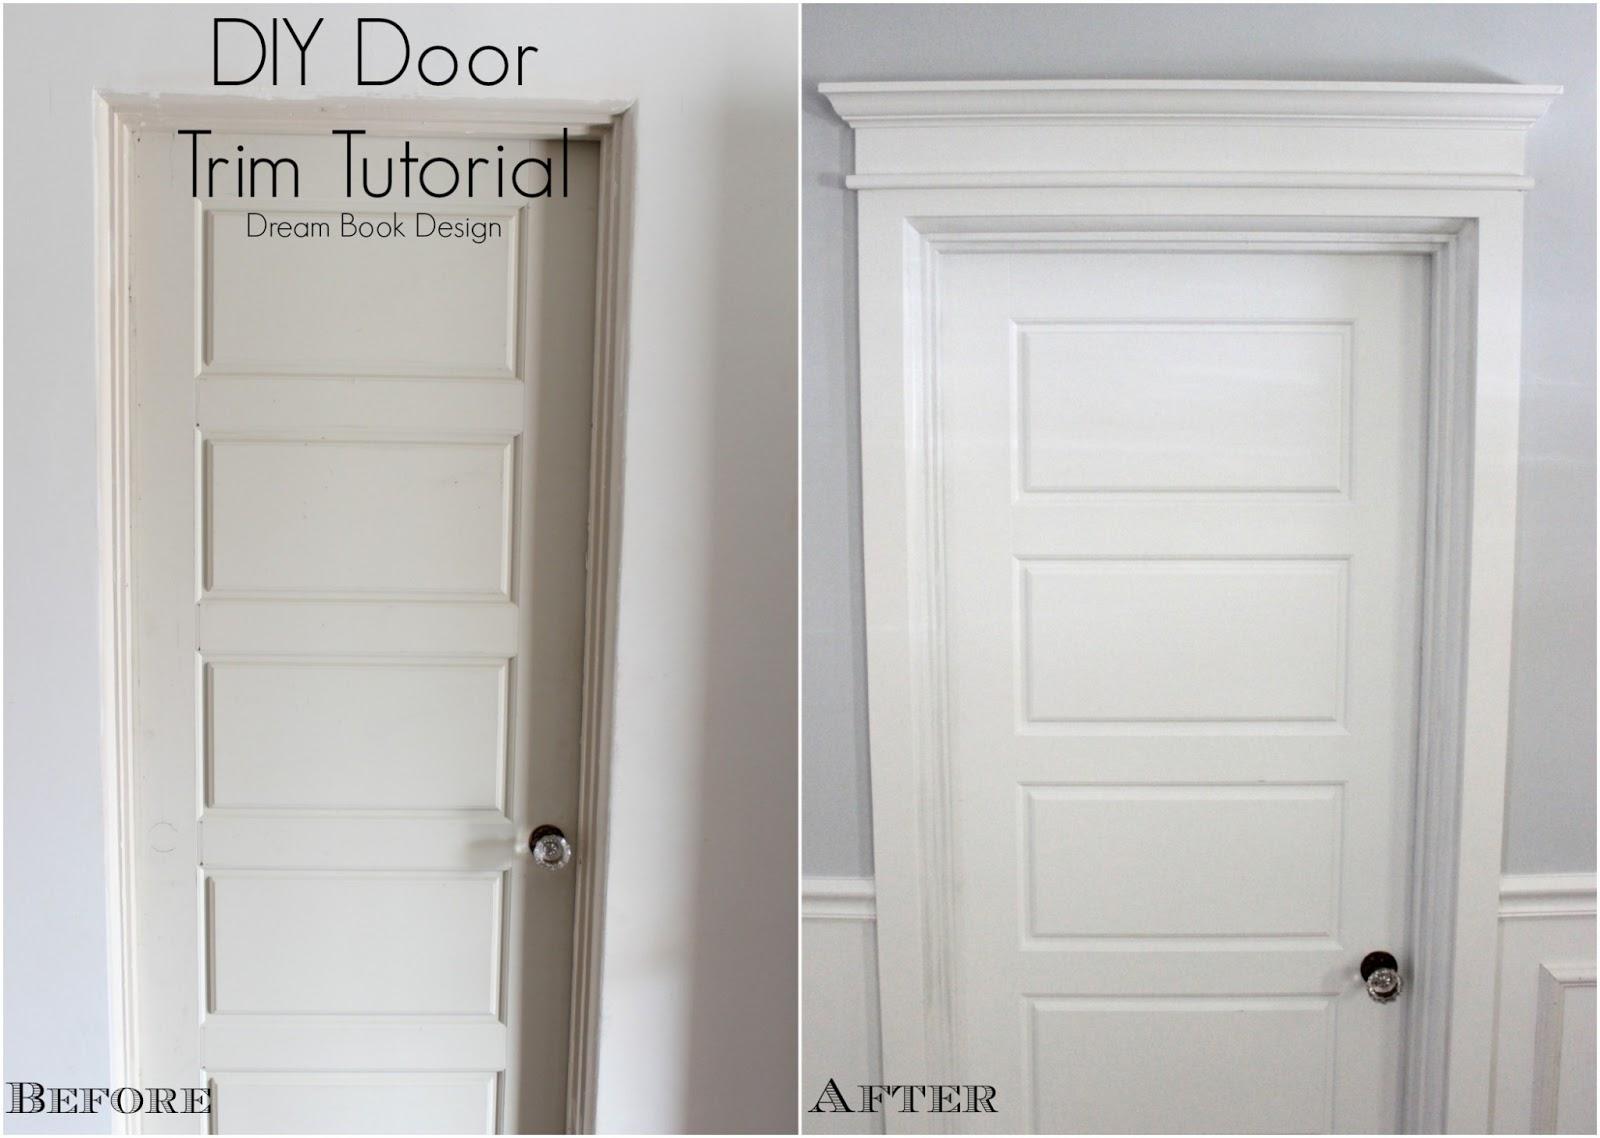 DIY Door Trim Tutorial - Dream Book Design